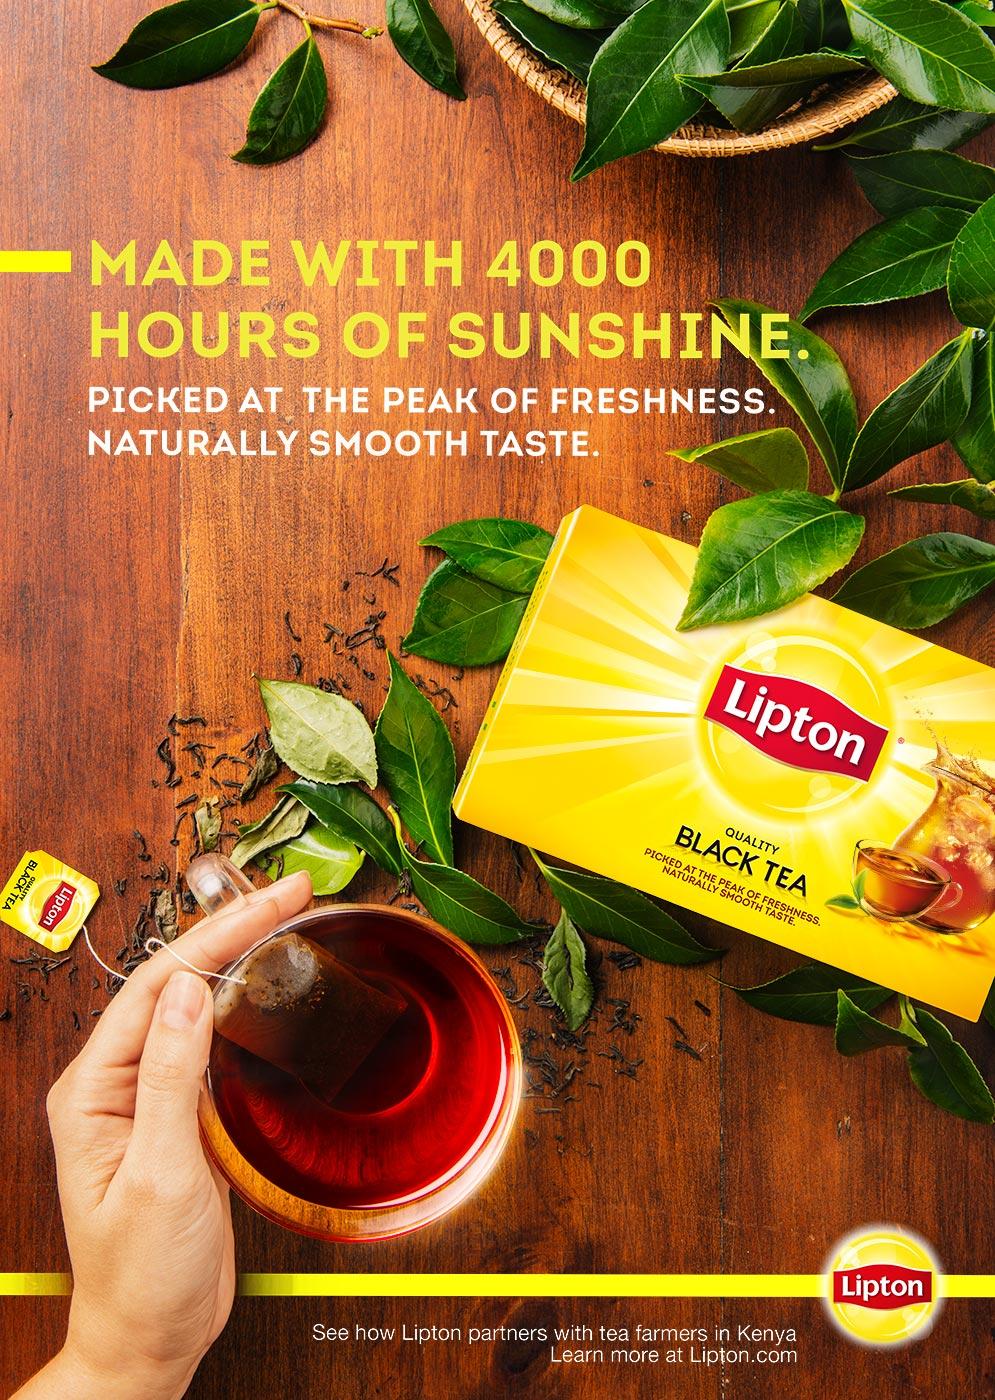 Ad campaign for Lipton